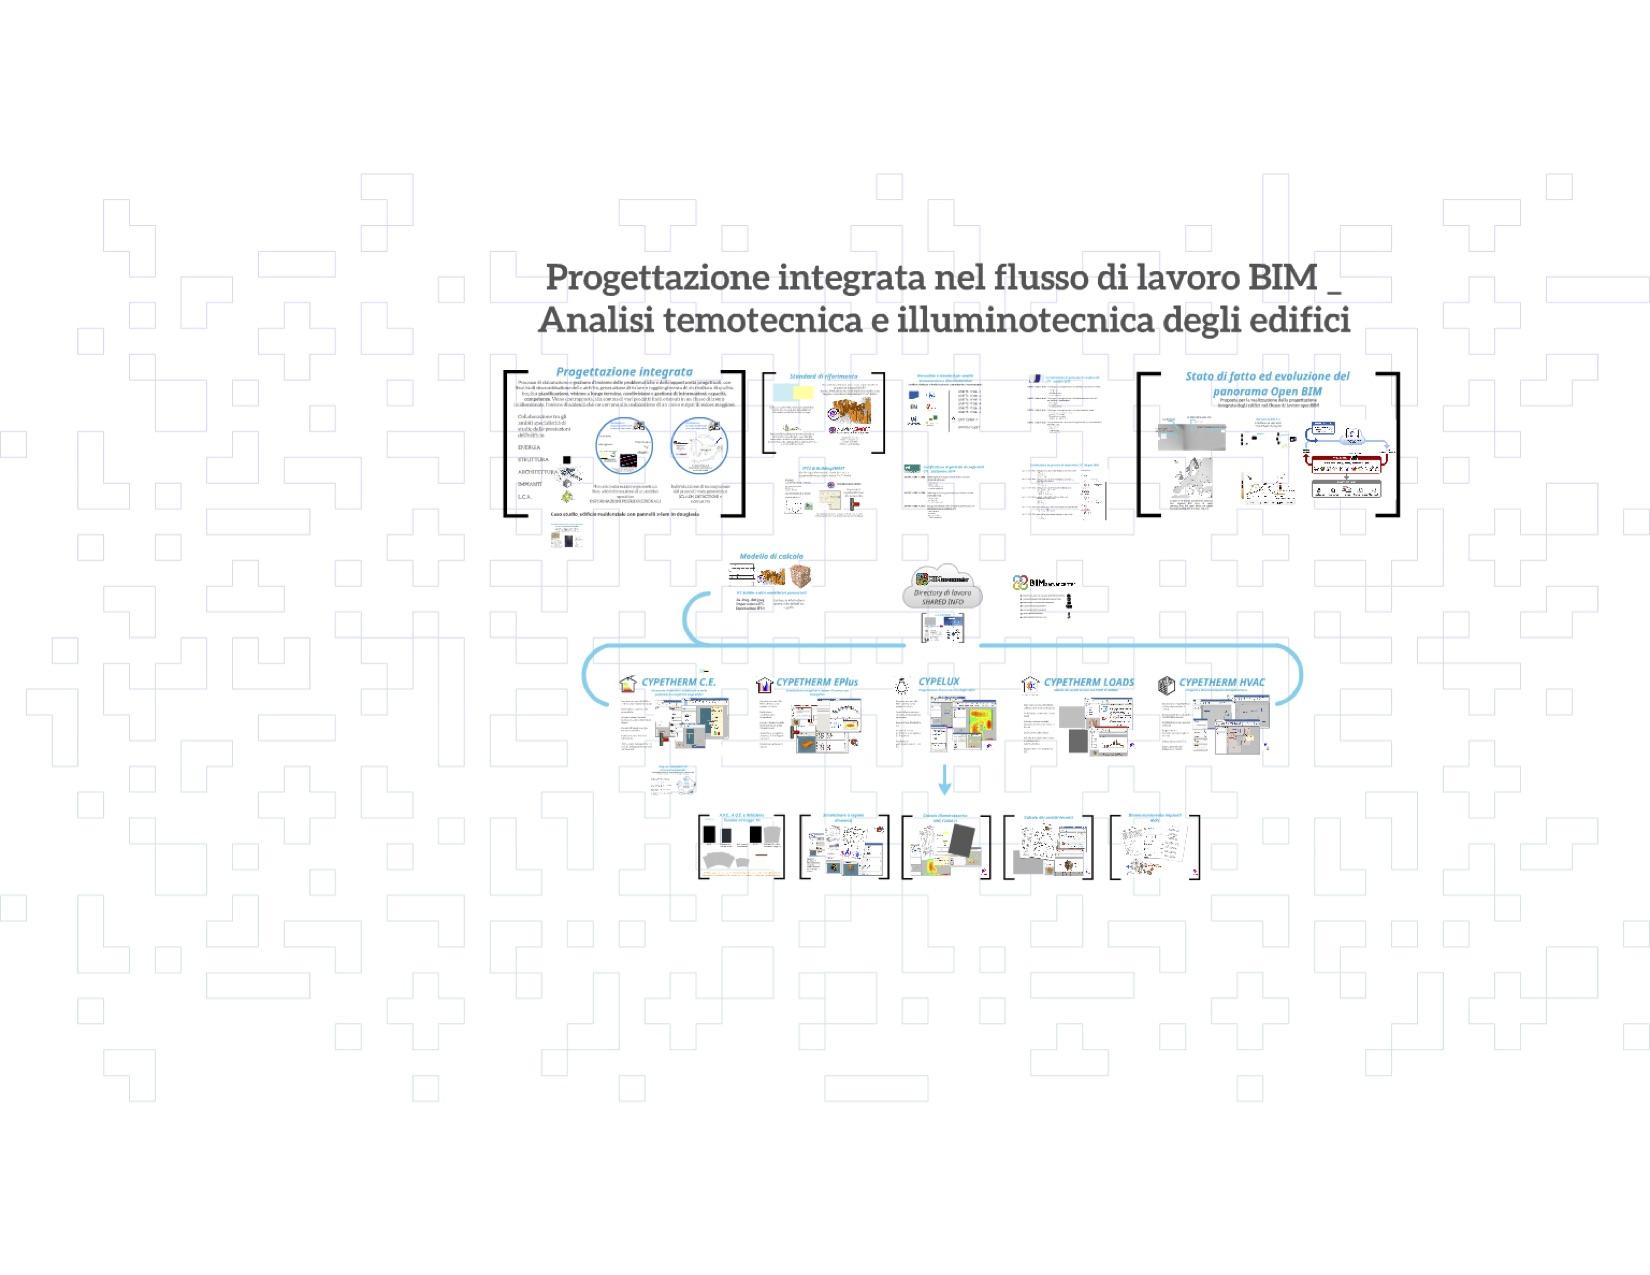 slide-ordine-degli-ingegneri-di-pistoia1